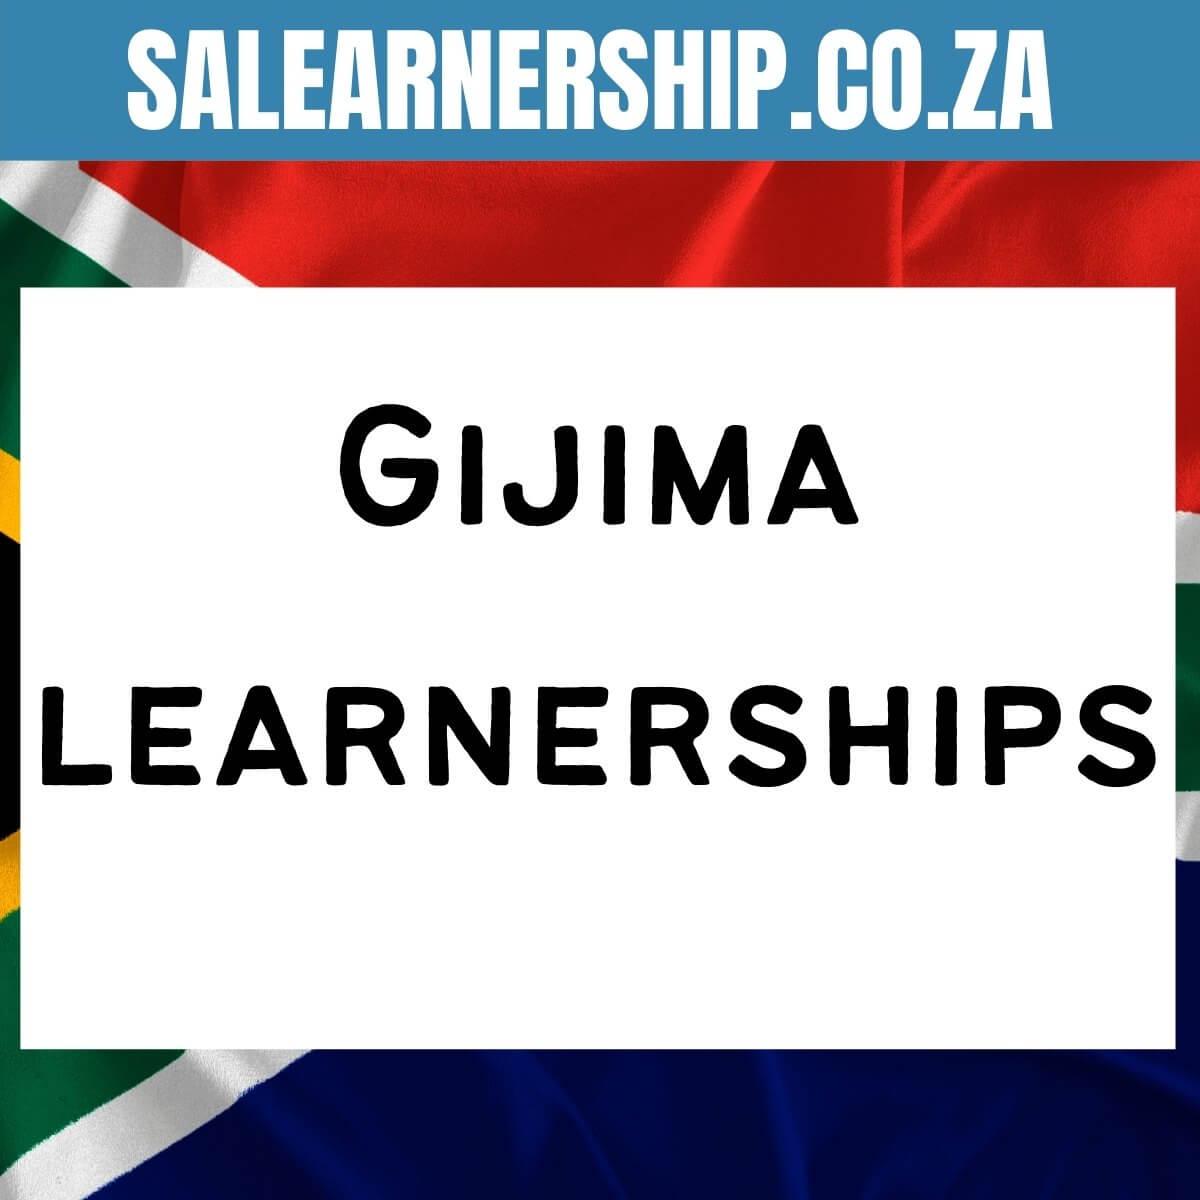 Gijima learnerships